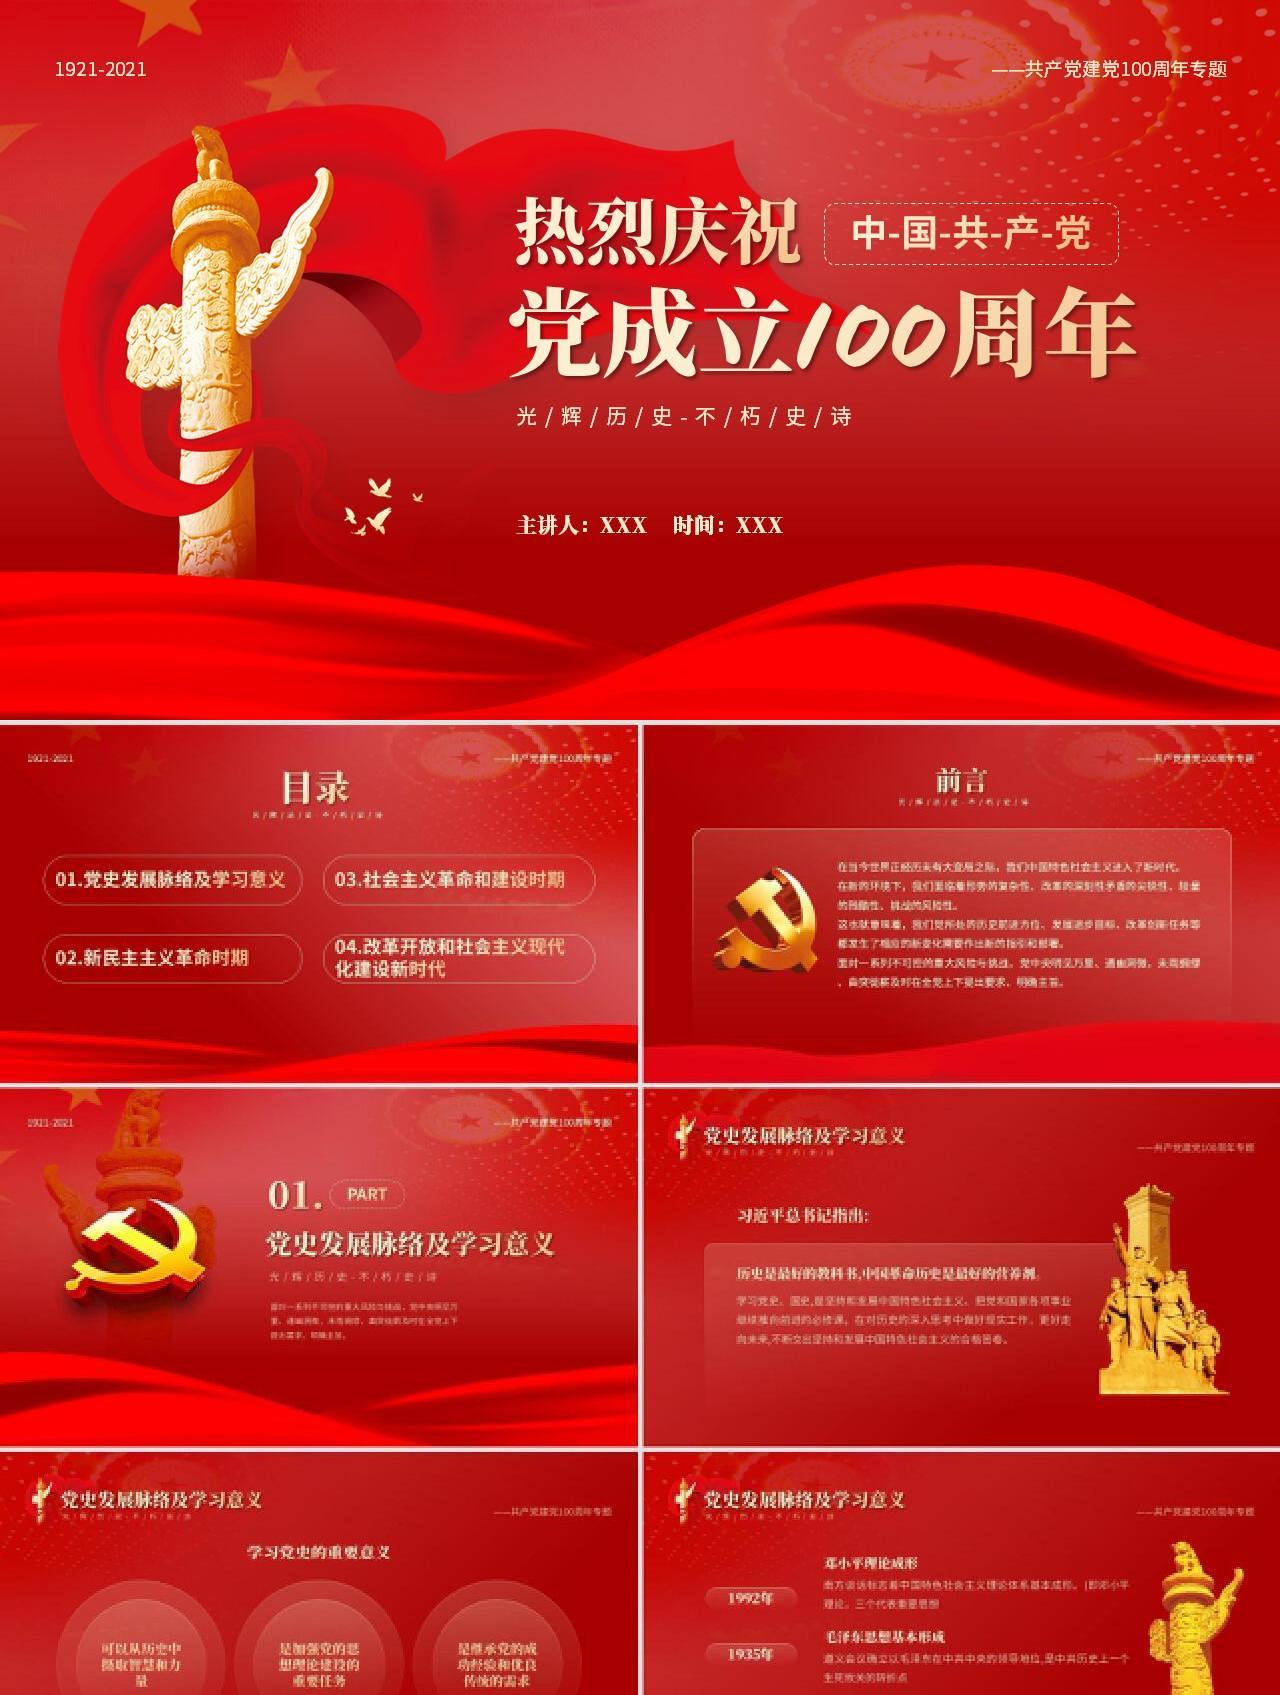 红色党政风格庆祝党成立100周年党史学习PPT模板